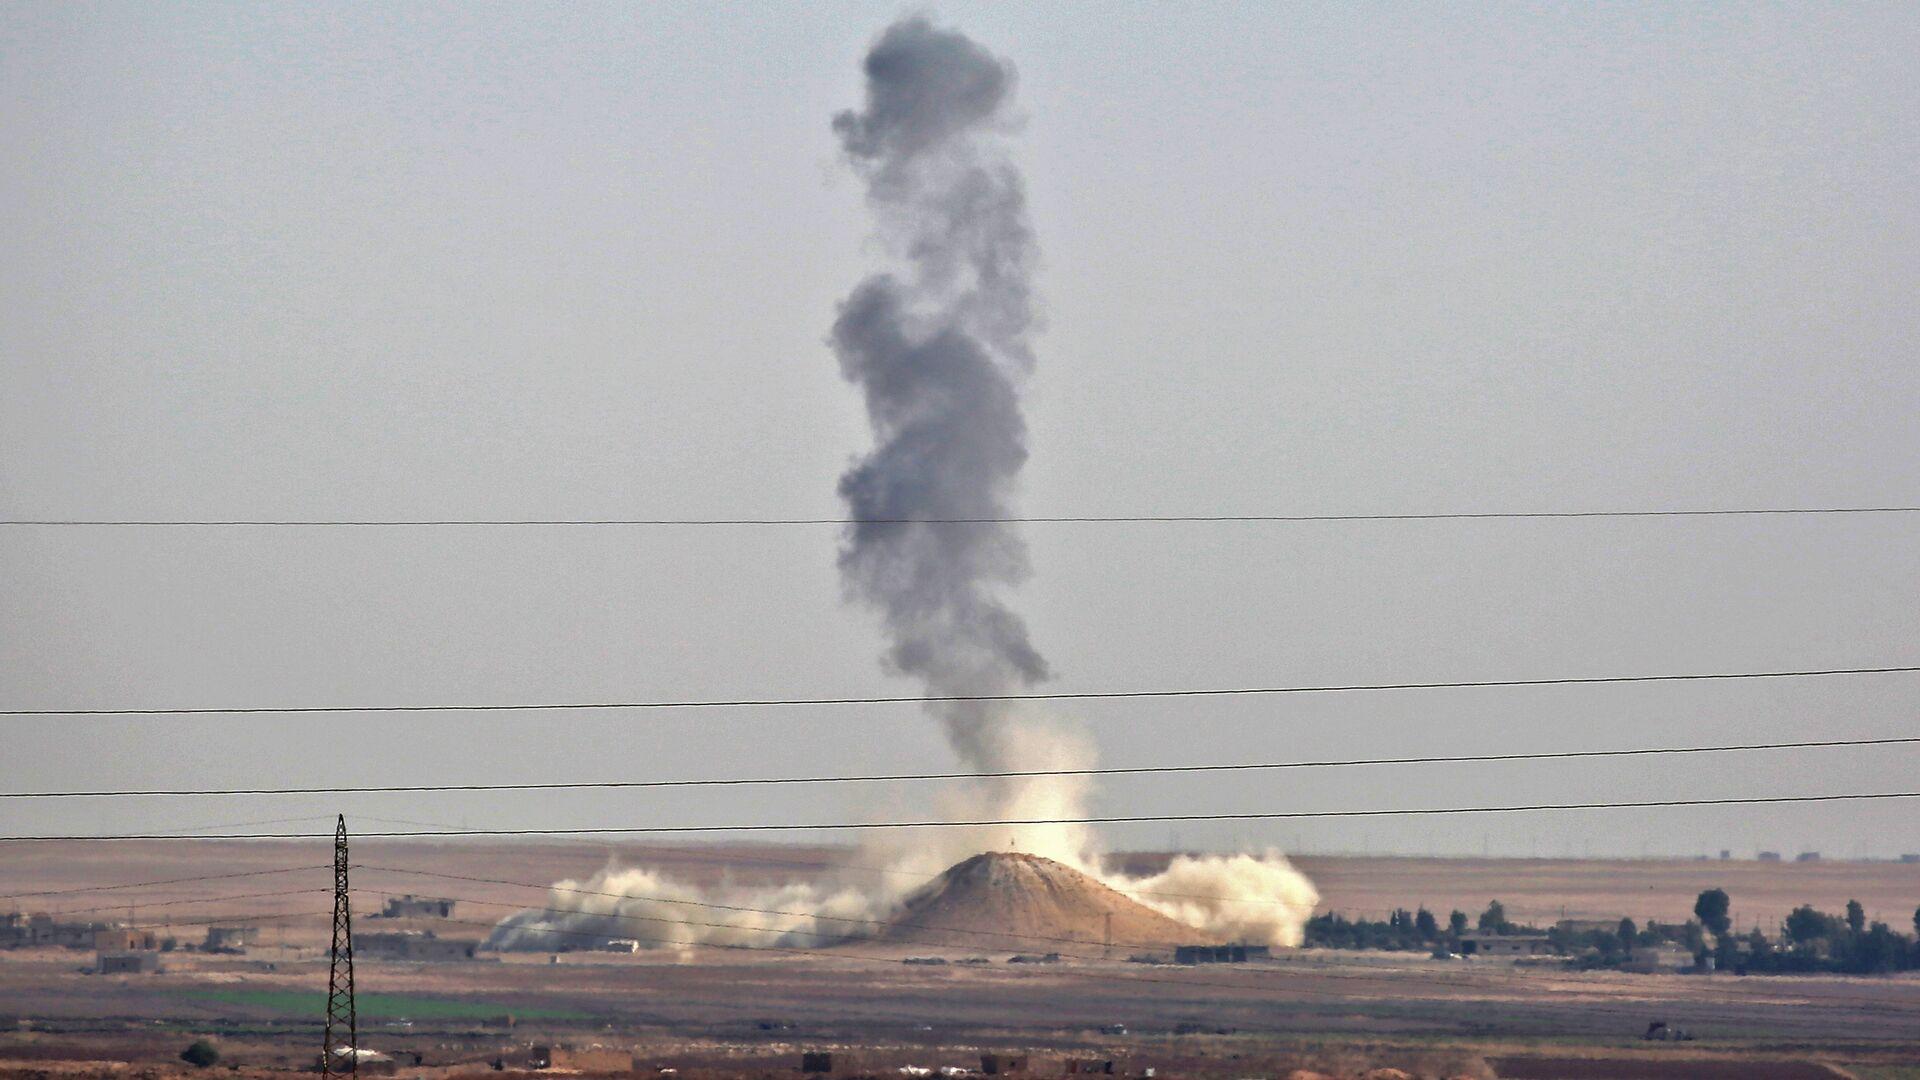 Humo se levanta cerca de la aldea siria de Al Hisha, a unos 40 km de Al Raqa, tras un ataque aéreo de la coalición liderada por Estados Unidos - Sputnik Mundo, 1920, 27.06.2021